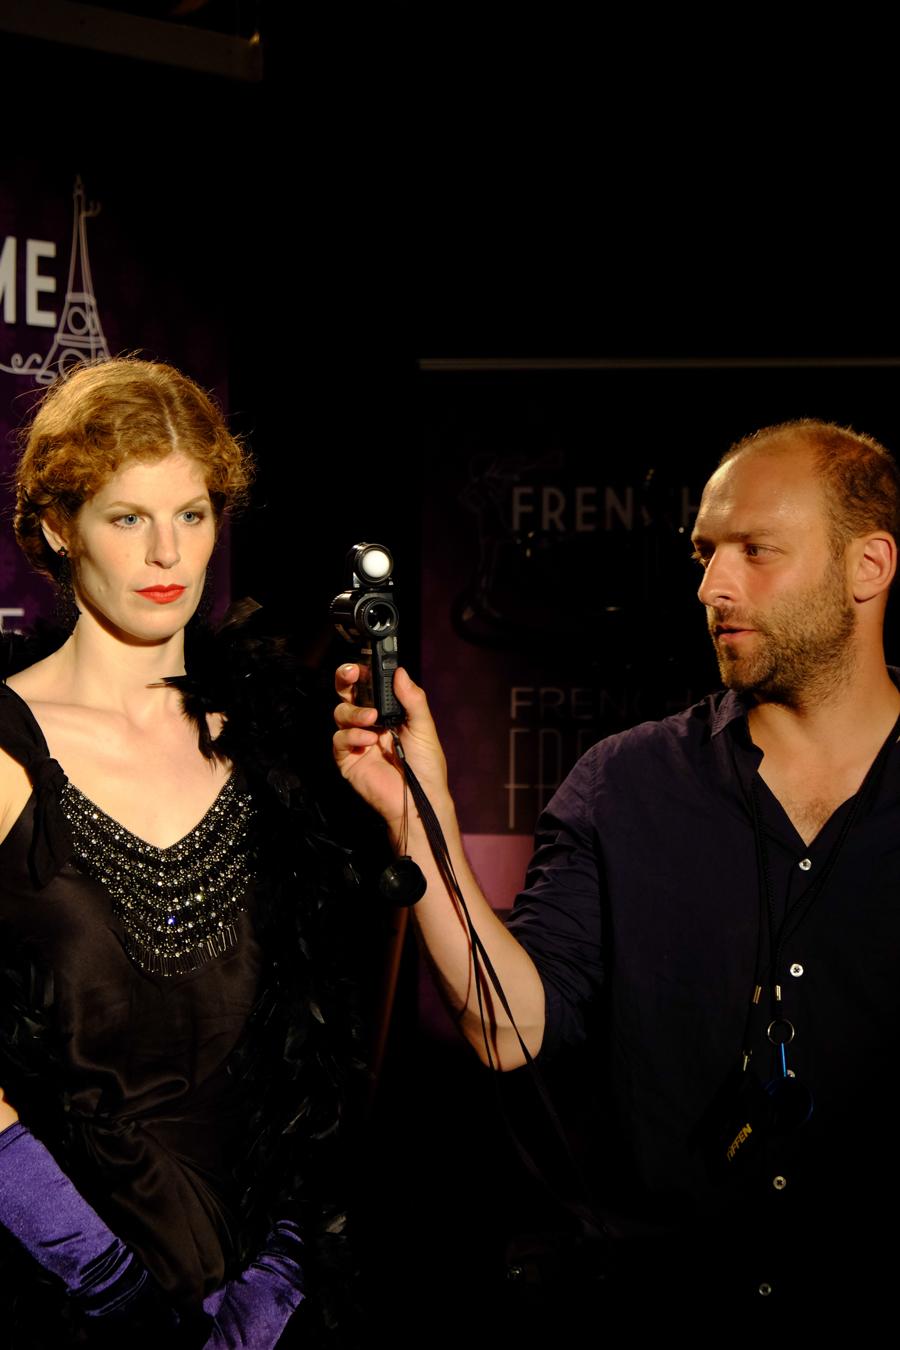 charlotte-marquardt-comdienne-chanteuse-DSCF3238